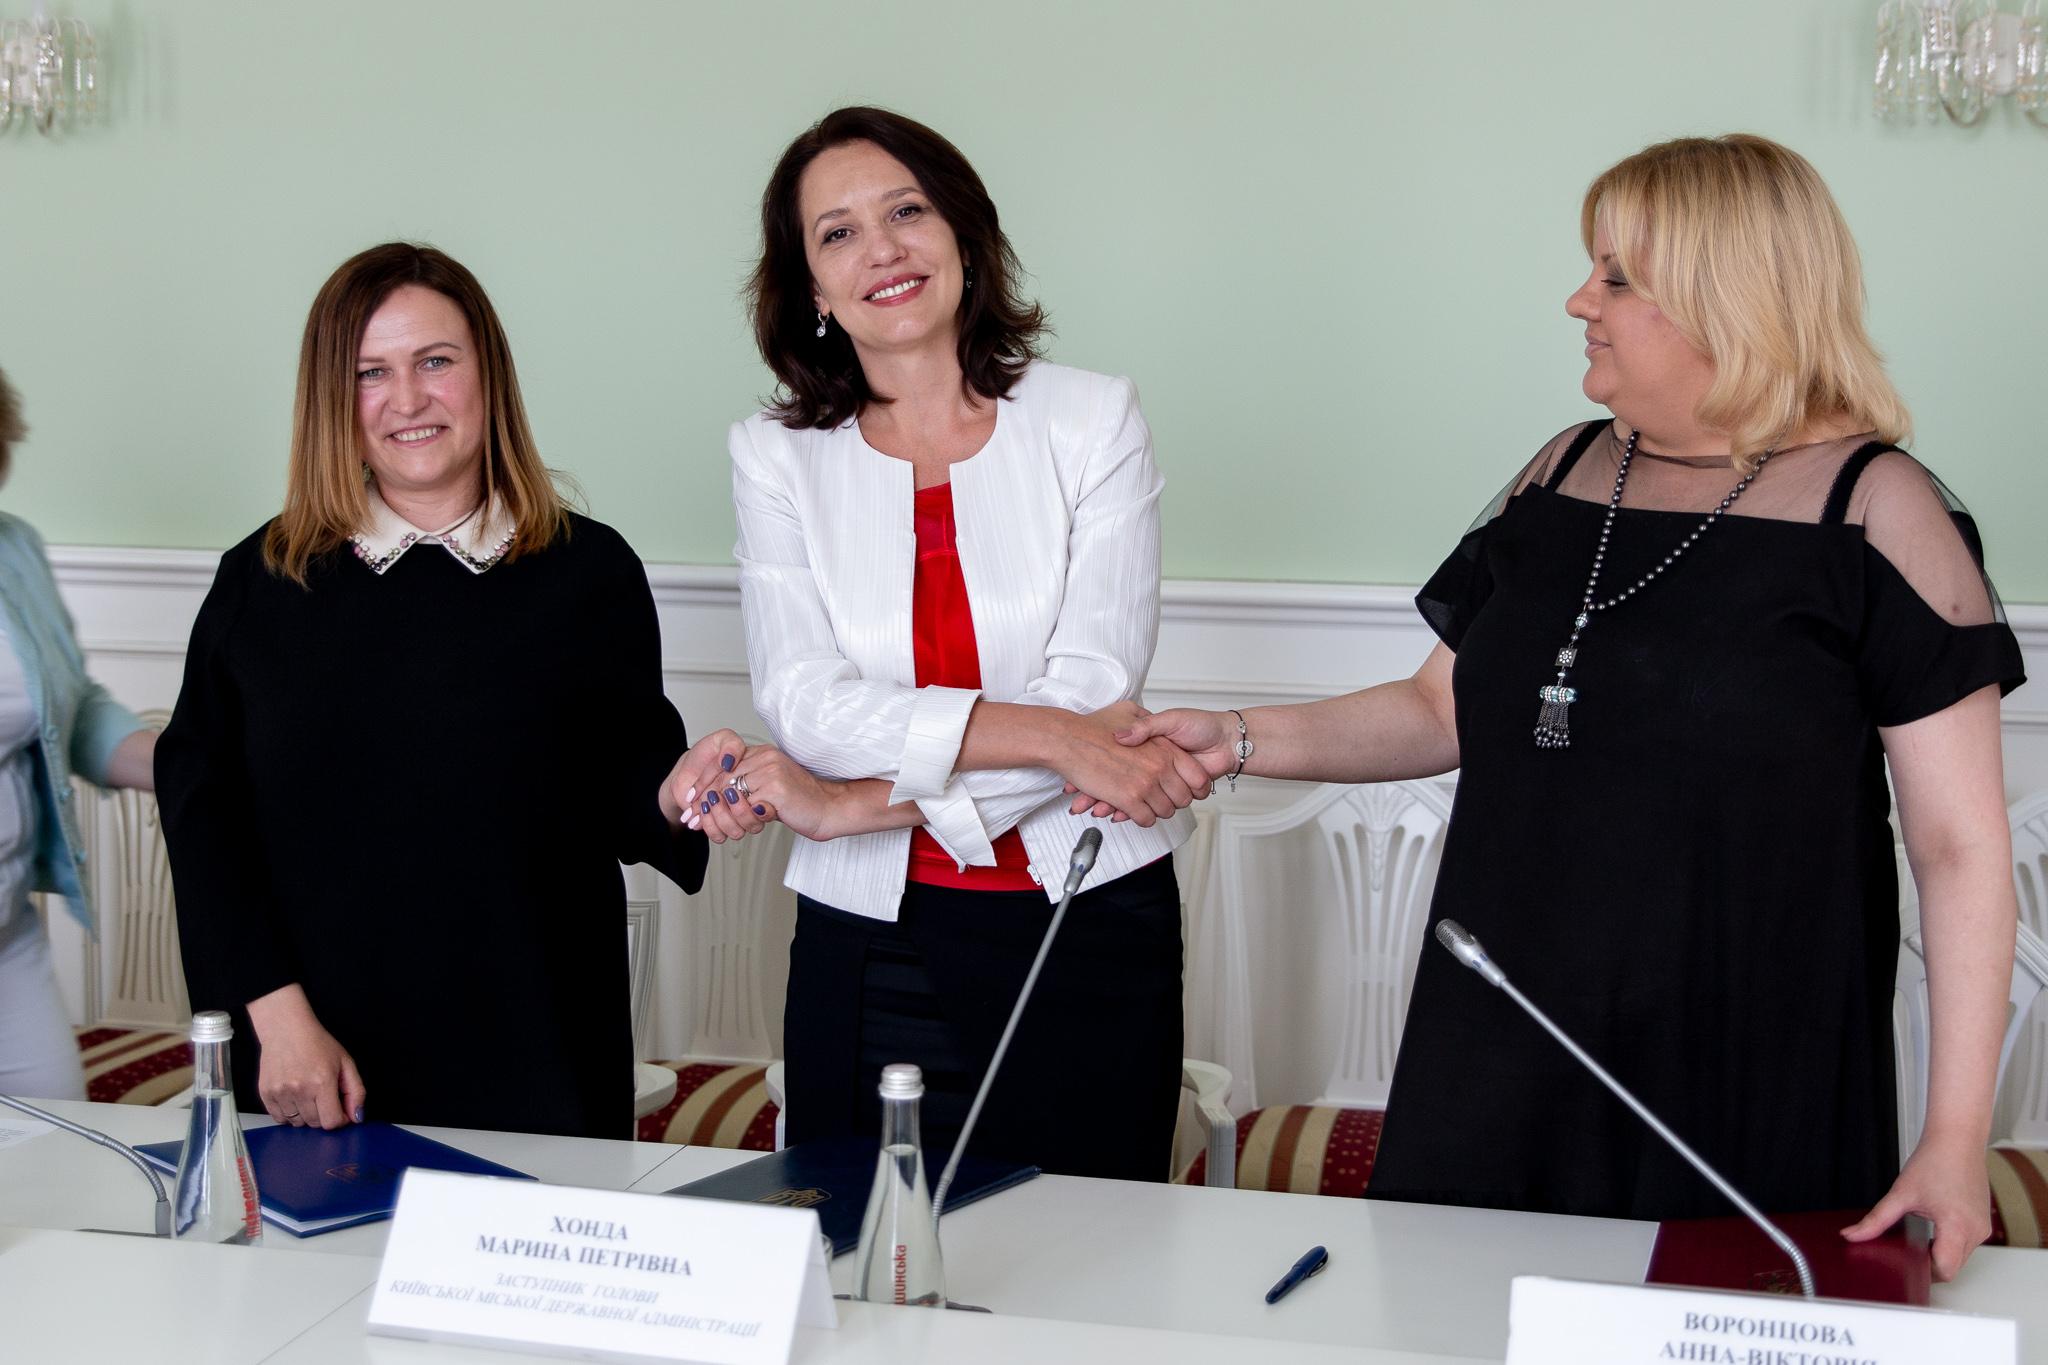 Марина Петрівна Хонда